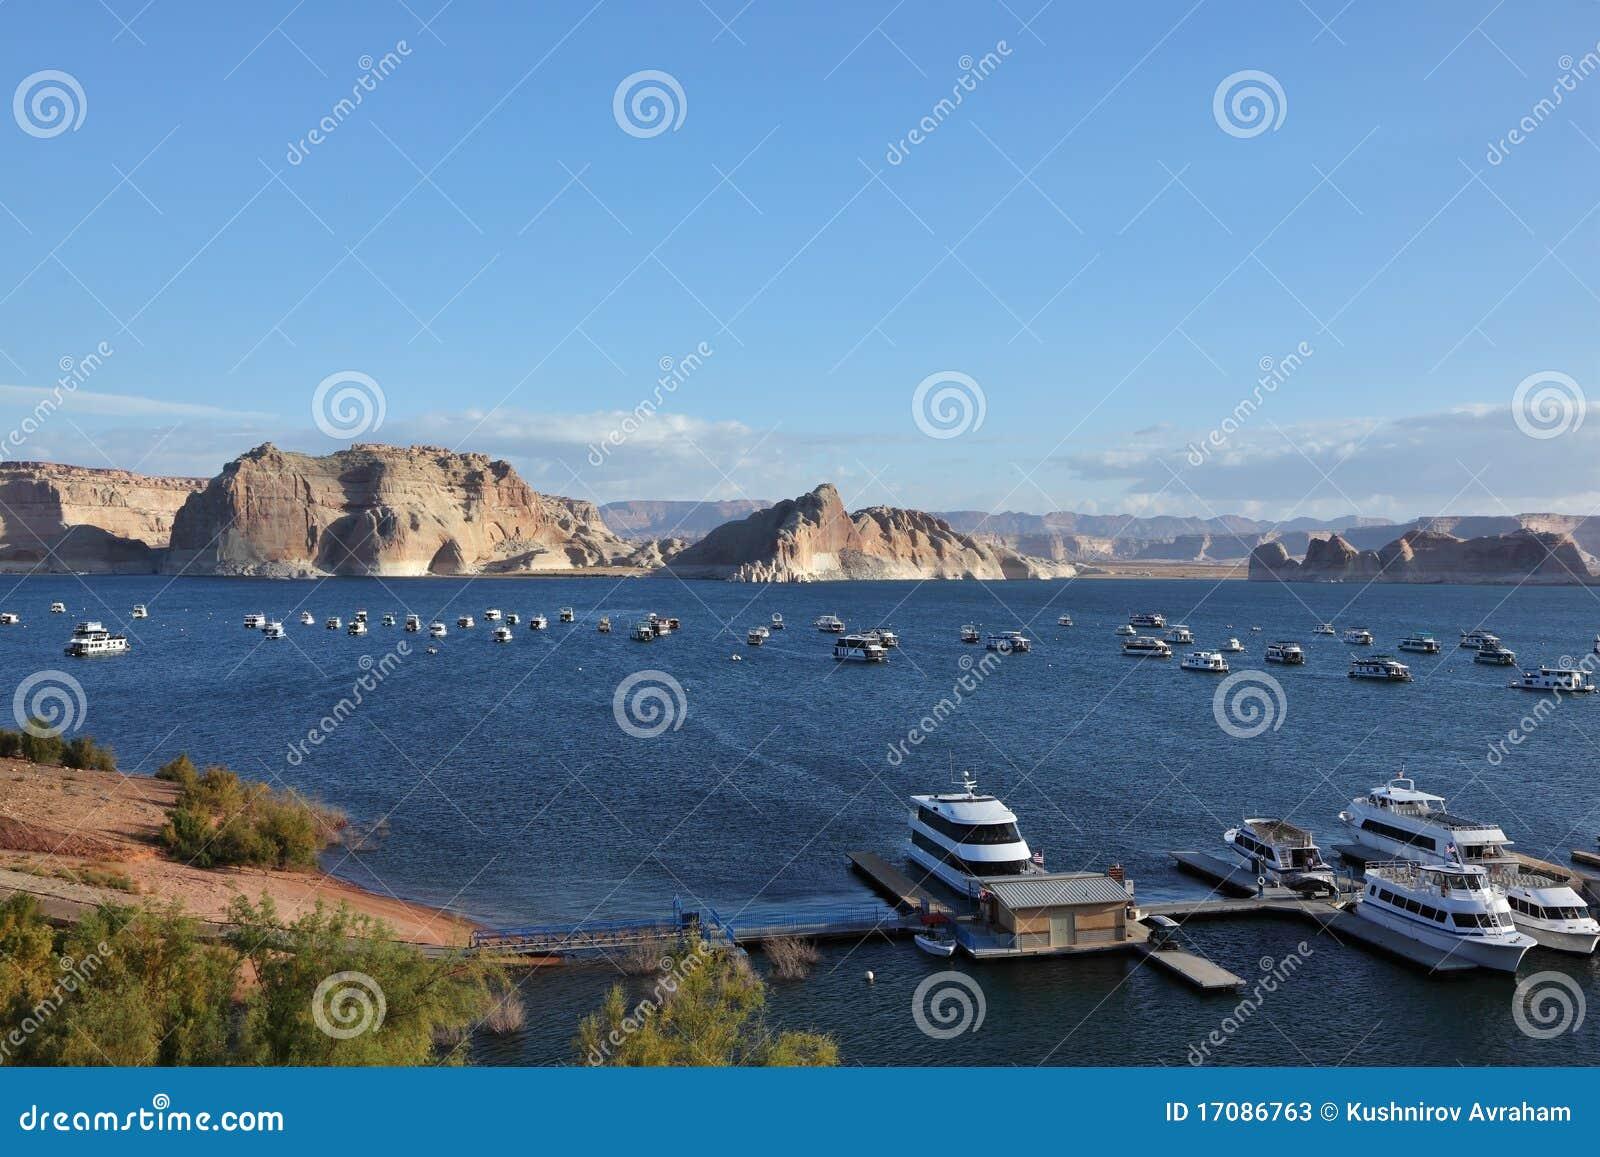 Yachtpier auf dem See